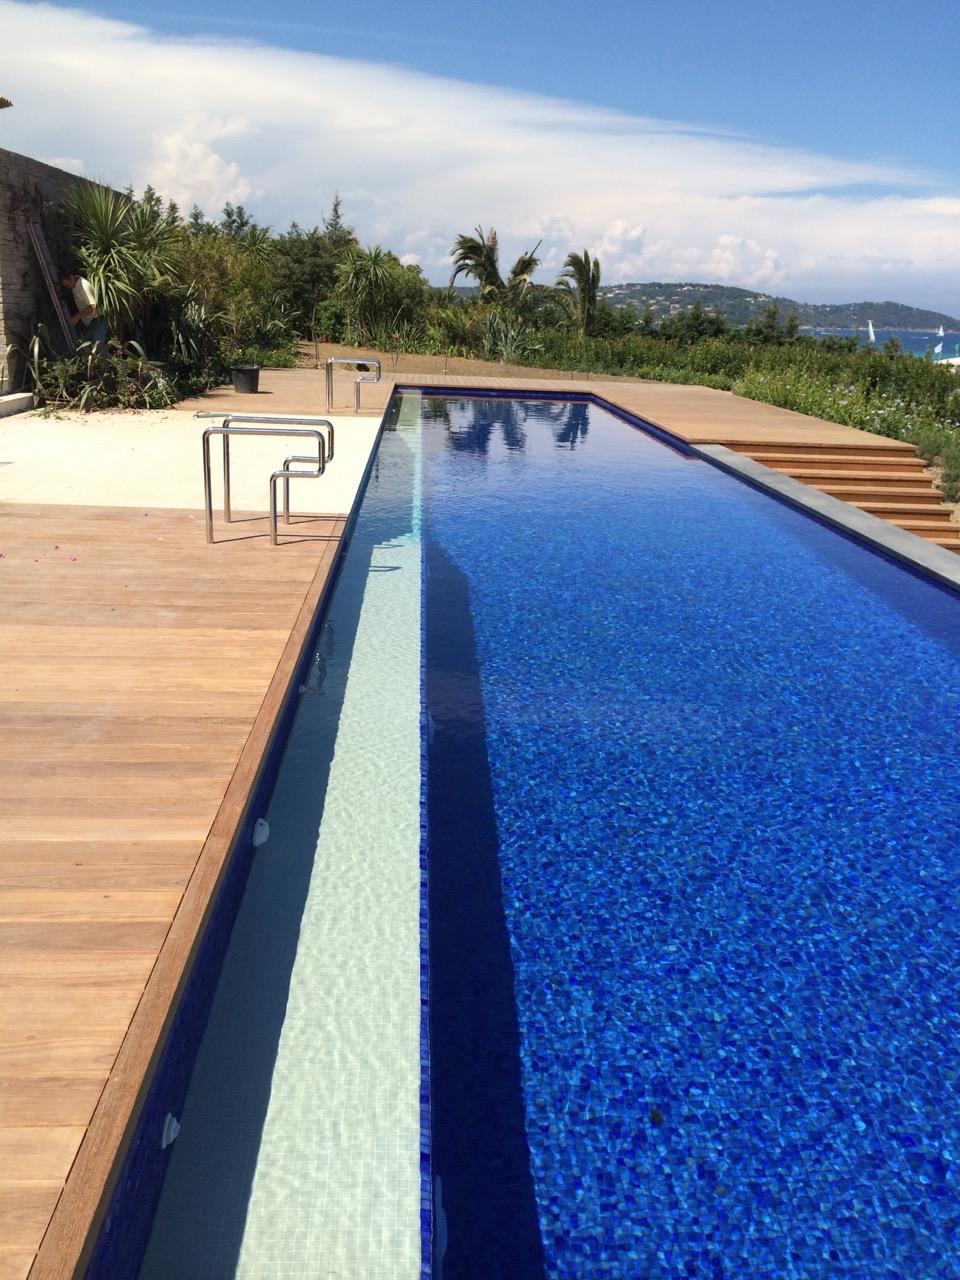 Trabat enterprises entreprise de construction de for Construction piscine rabat